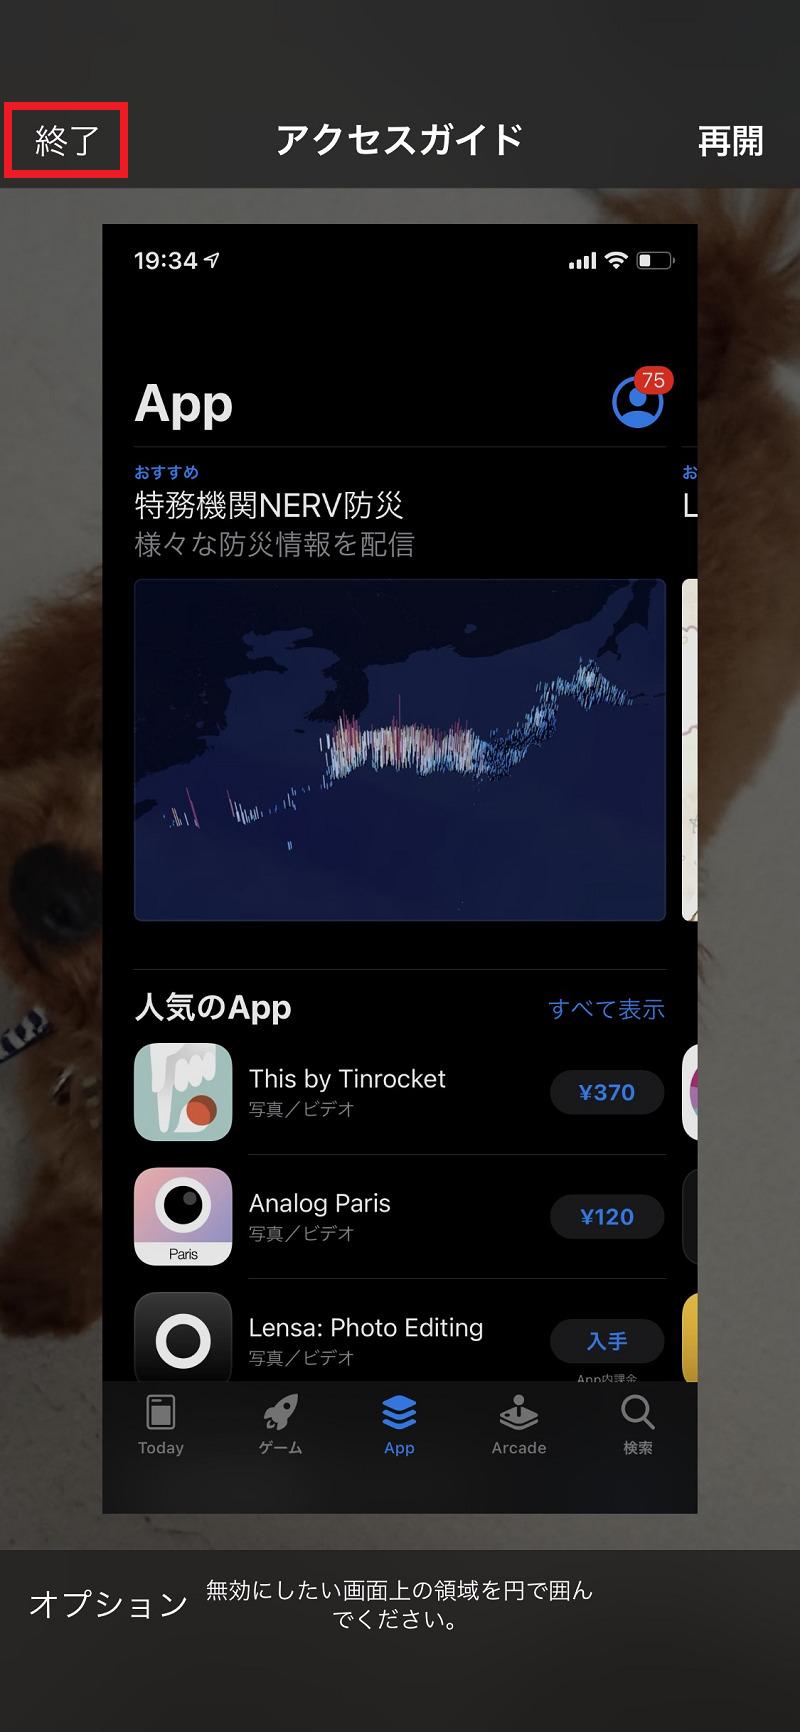 iOS AccessGuide 11